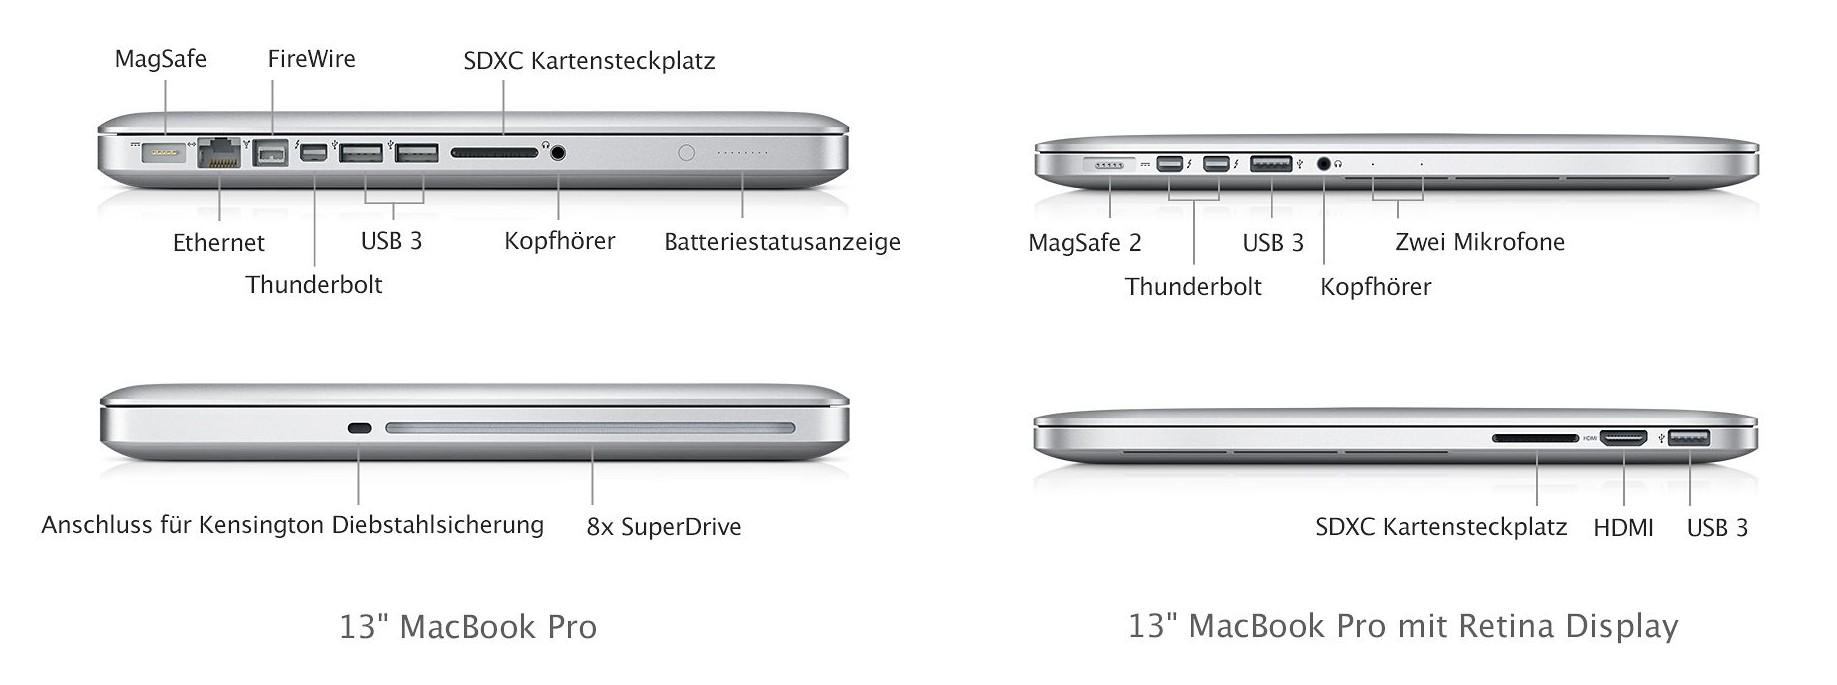 New 12-in, macBook Which, macBook, should You Buy? 2015, macbook vs 2013, macbook, pro - Solved - Mac